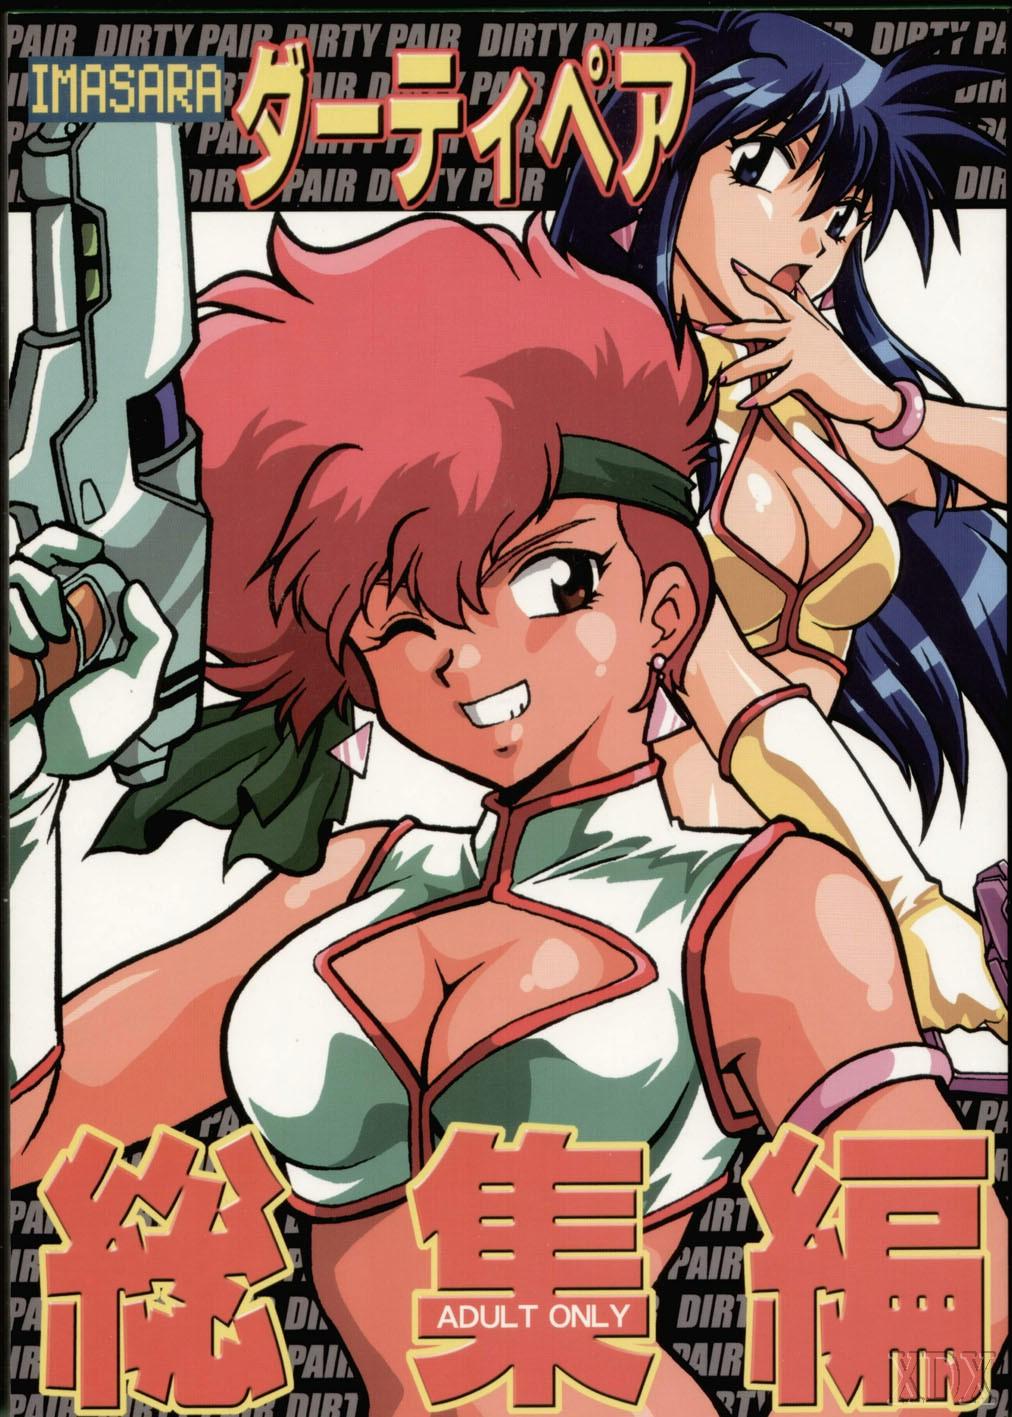 DoujinReader.com dirty pair imasara collection 001